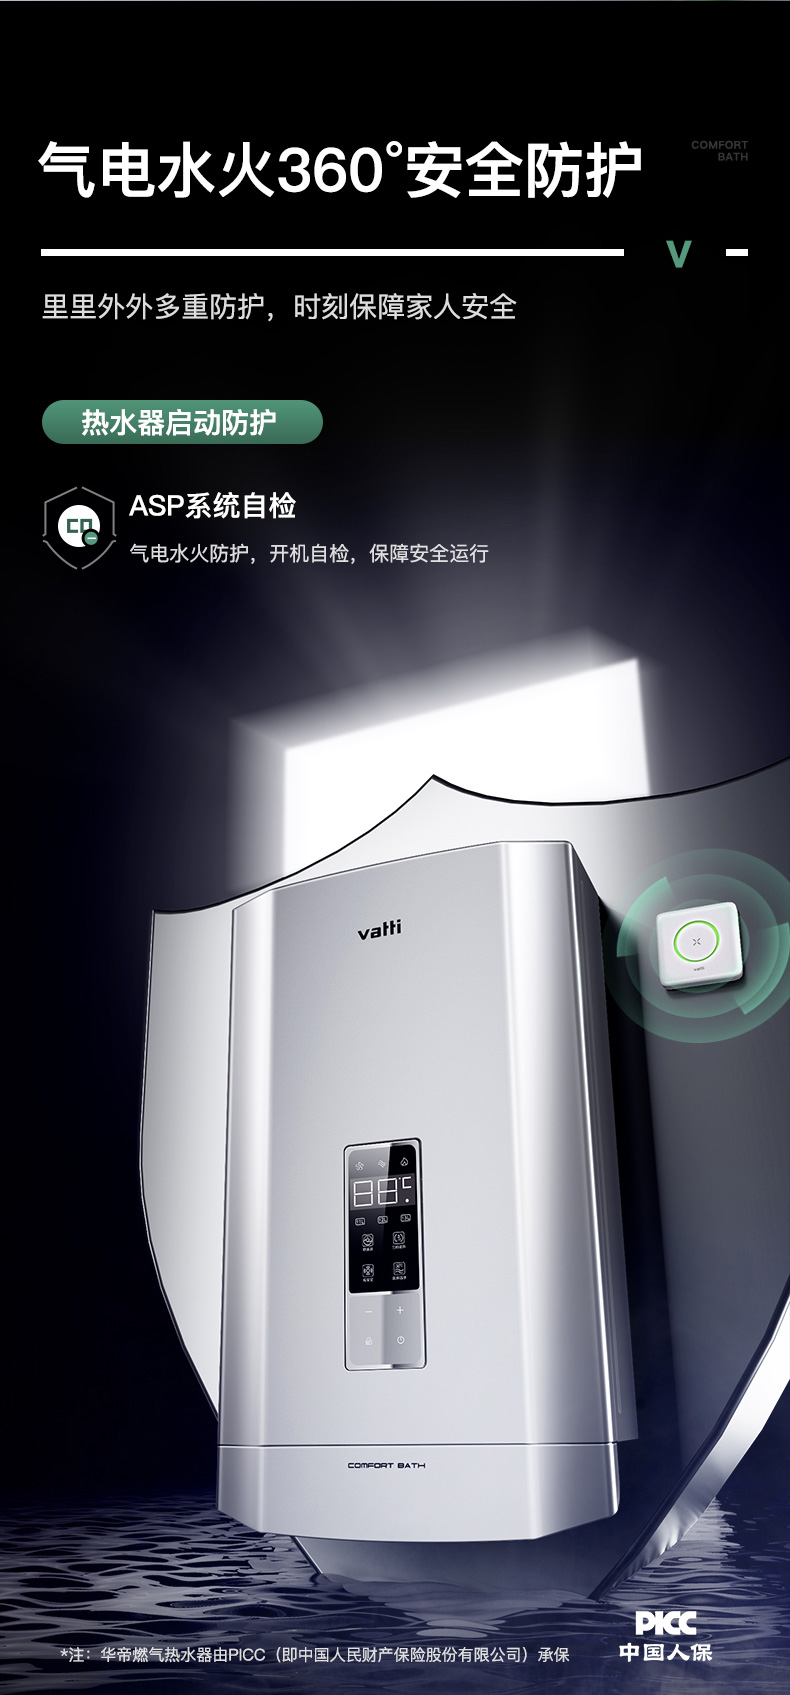 5华帝燃气热水器i12052-切片01_07